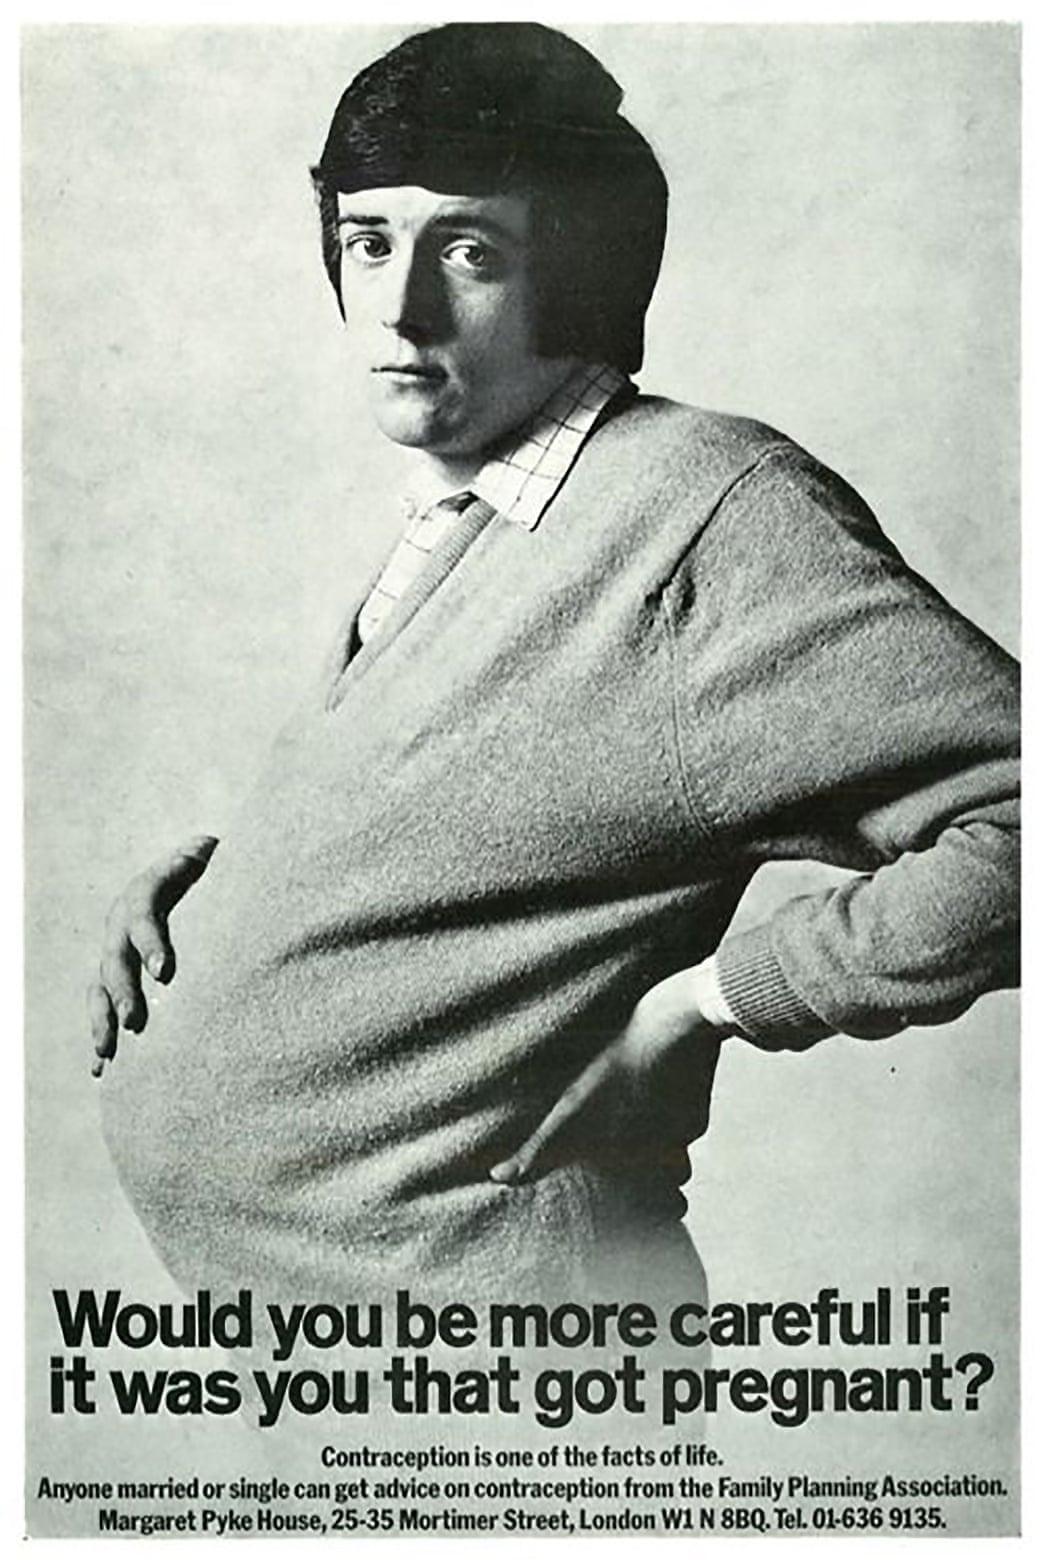 Η παραπάνω πρωτοποριακή αφίσα, σχεδιασμένη από τον Κράμερ Σάατσι για το Συμβούλιο Εκπαίδευσης Υγείας το 1970, ανάγκασε τον κόσμο να σκεφτεί τα φύλα και τους έμφυλους ρόλους και ενθάρρυνε τους άνδρες να αναλάβουν ευθύνη για την αντισύλληψη